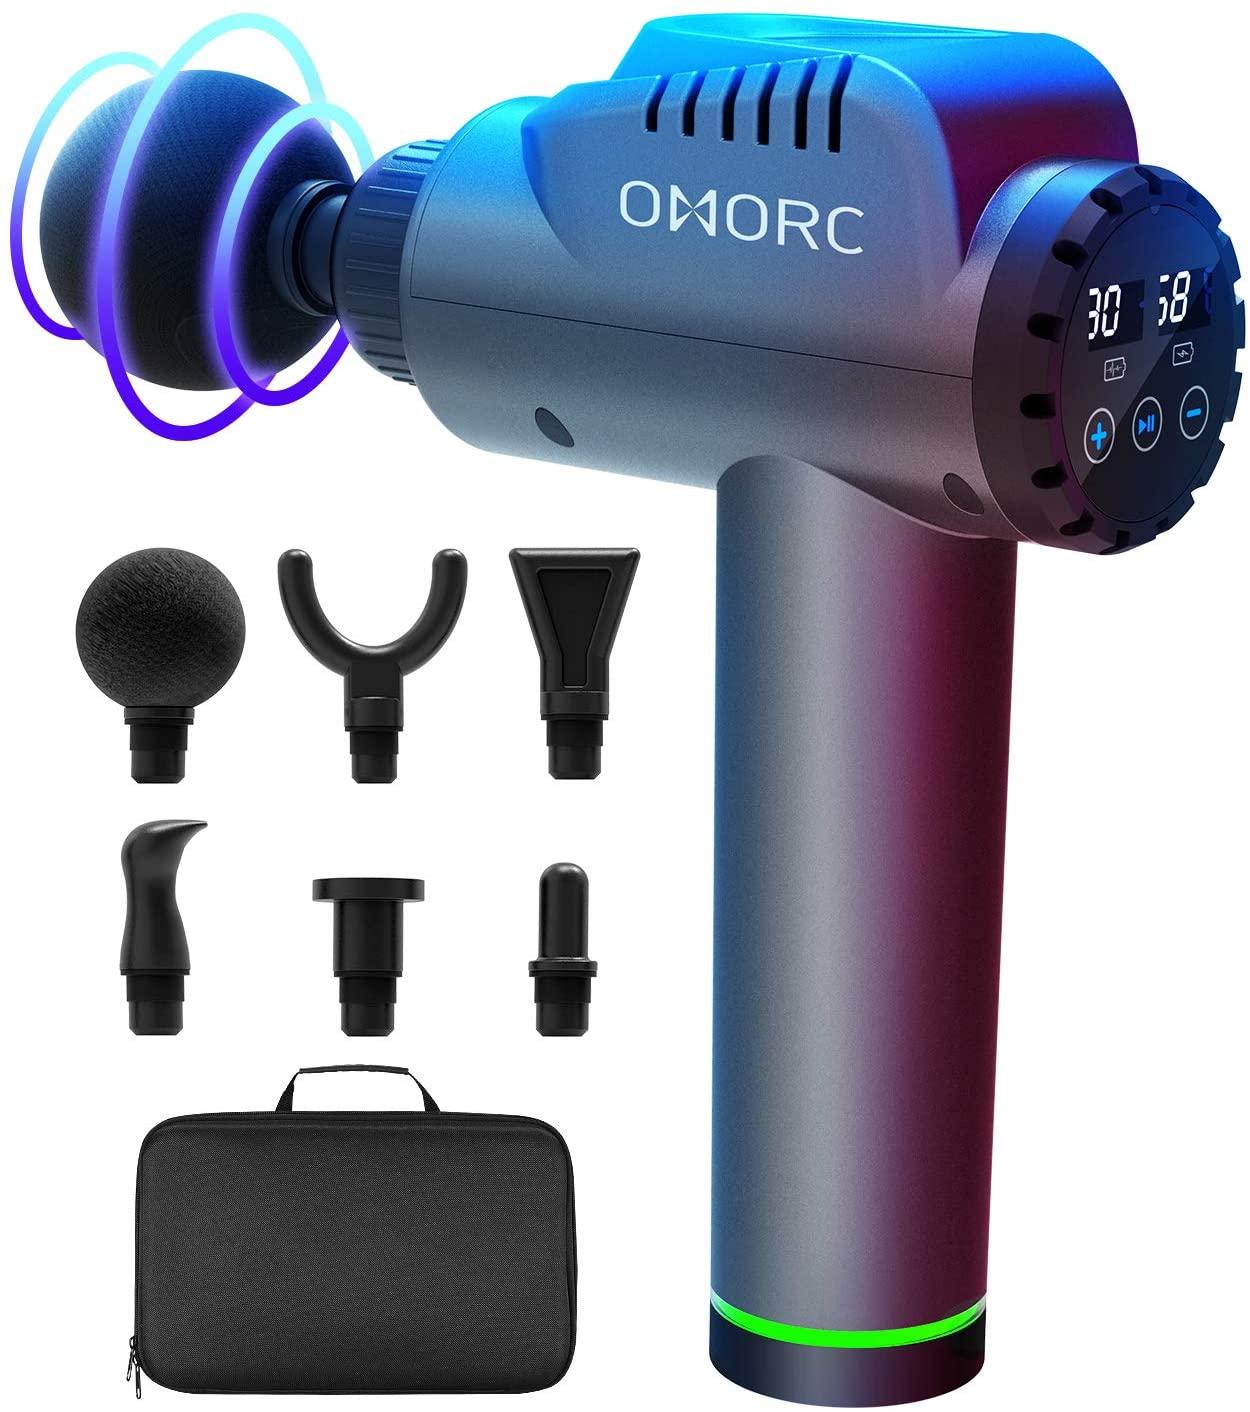 Pistolet de Massage musculaire Omorc - 30 Niveaux réglables, 6 Têtes, Ecran LCD, Silencieux (Vendeur tiers)